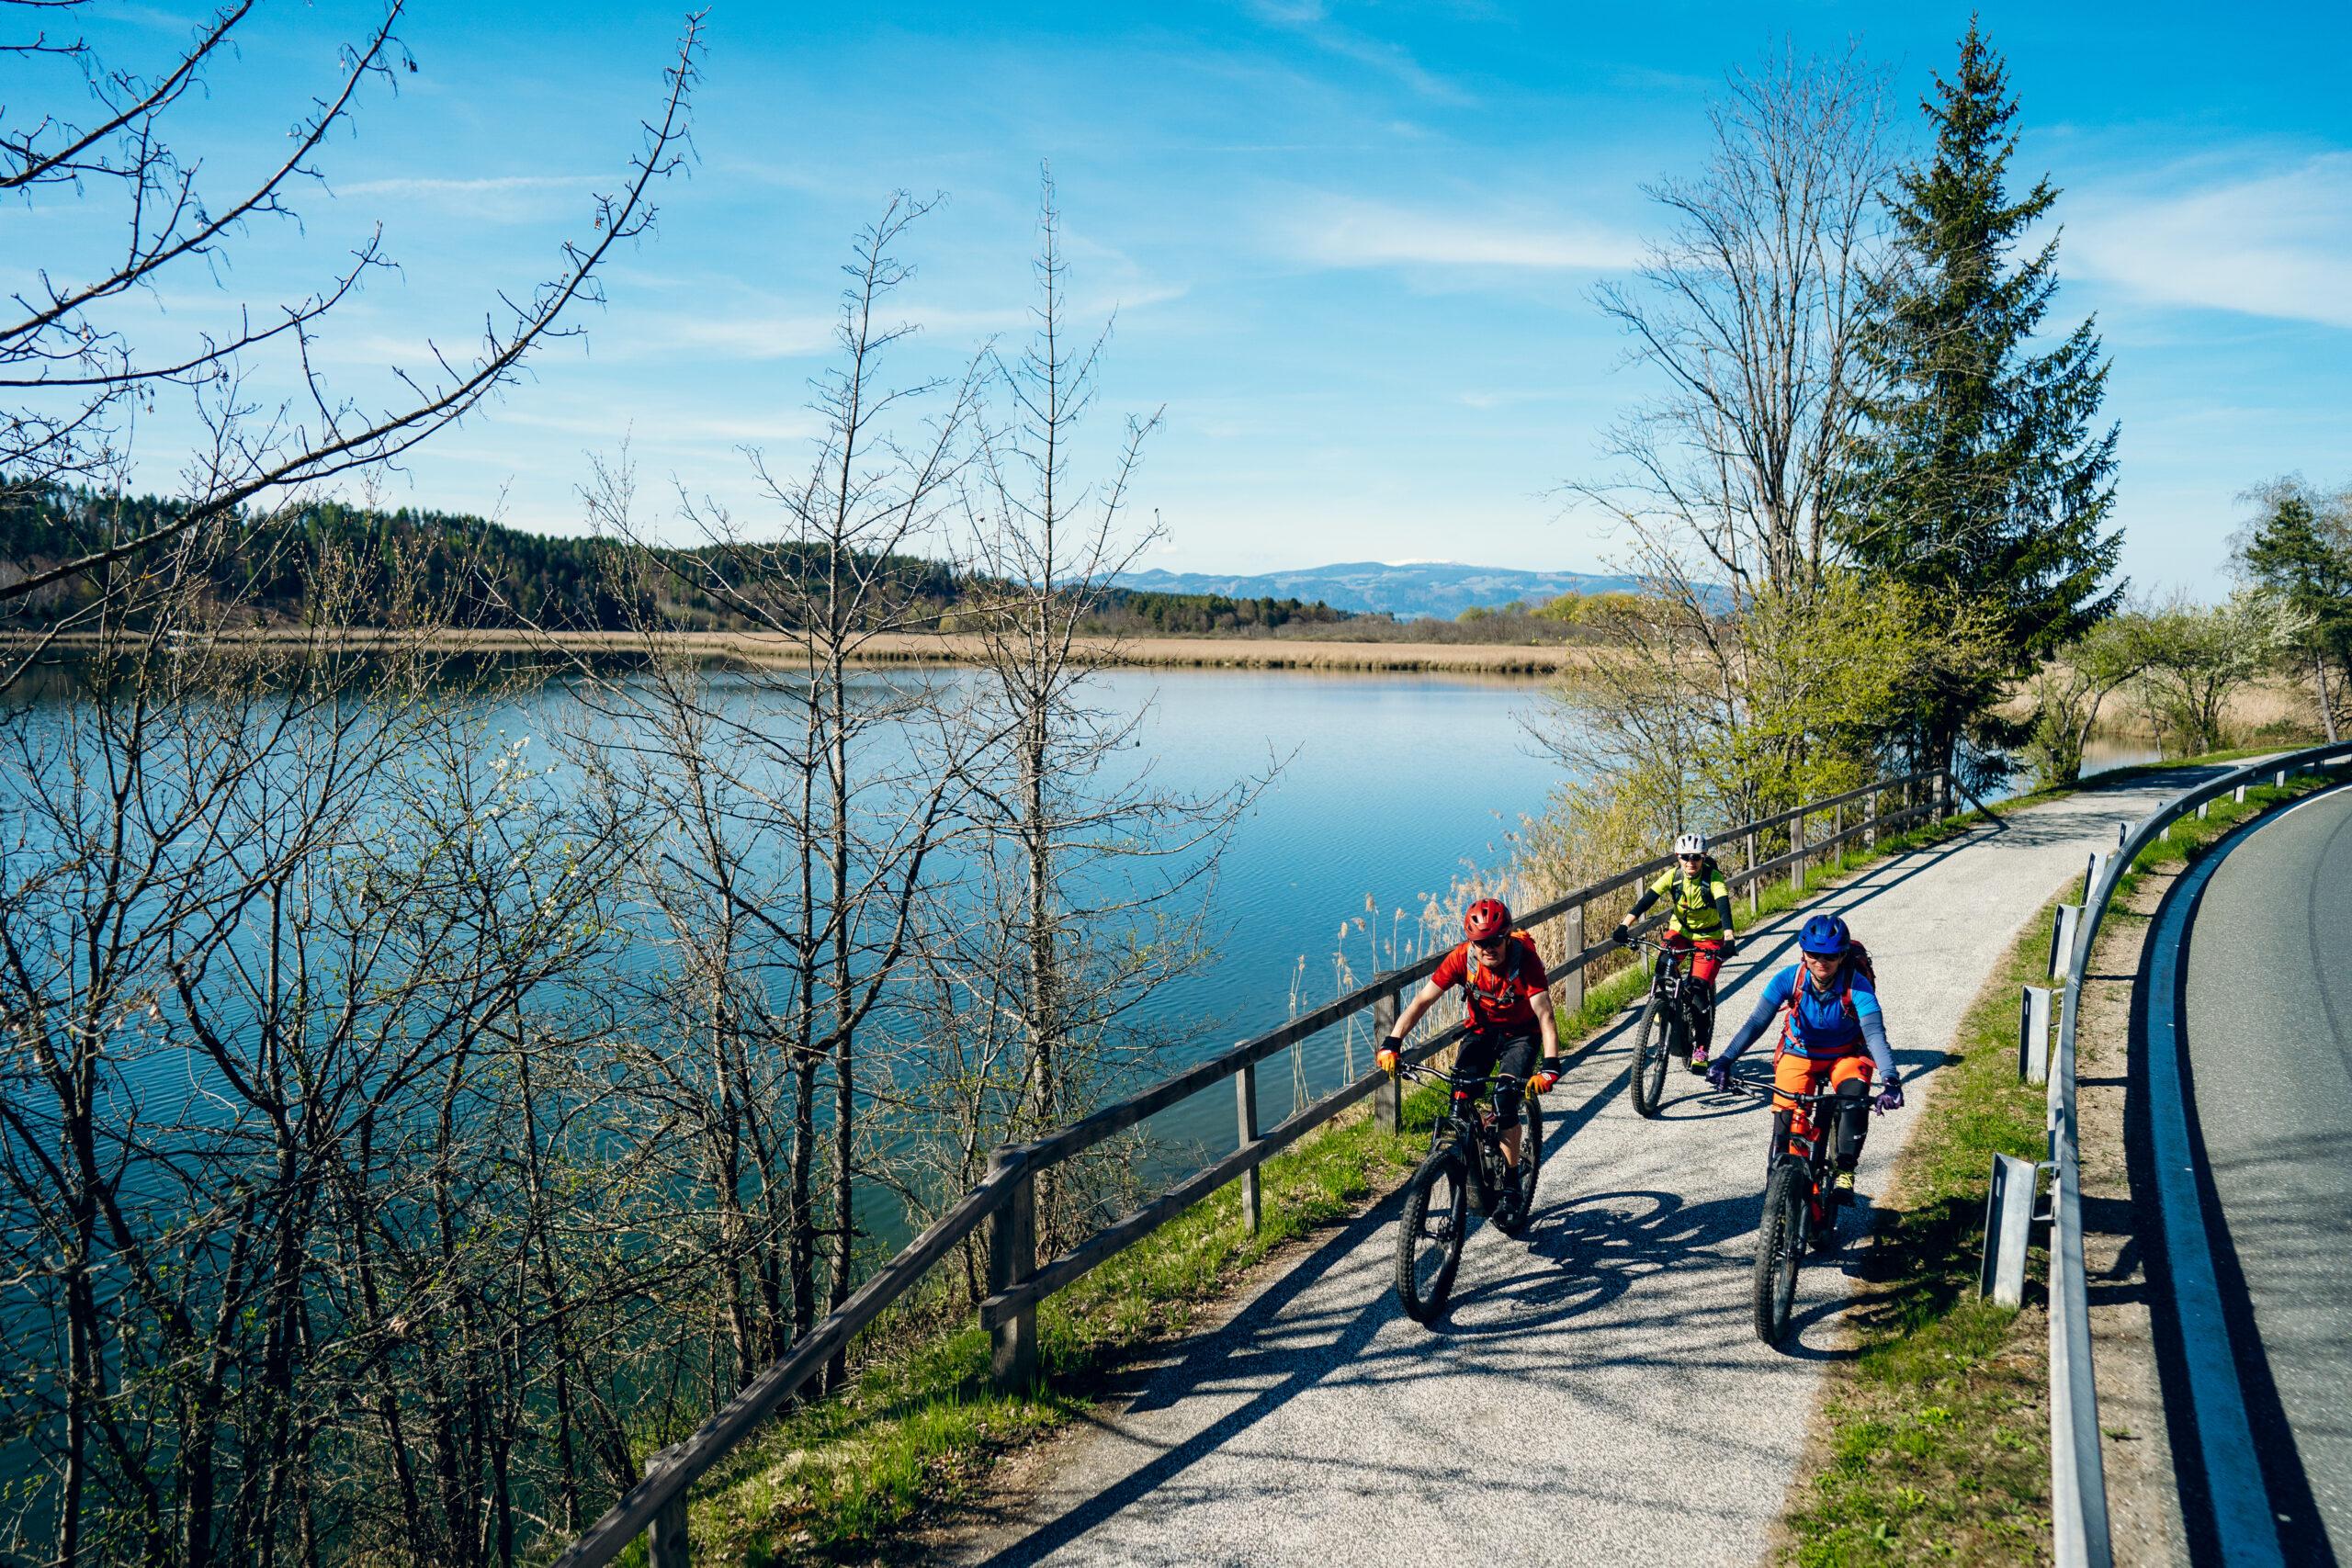 Genuss E Bike Radln Goesselsdorfer See Schilfguertel MannFrauen Suedkaernten ©SuedkaerntenHofmann 2